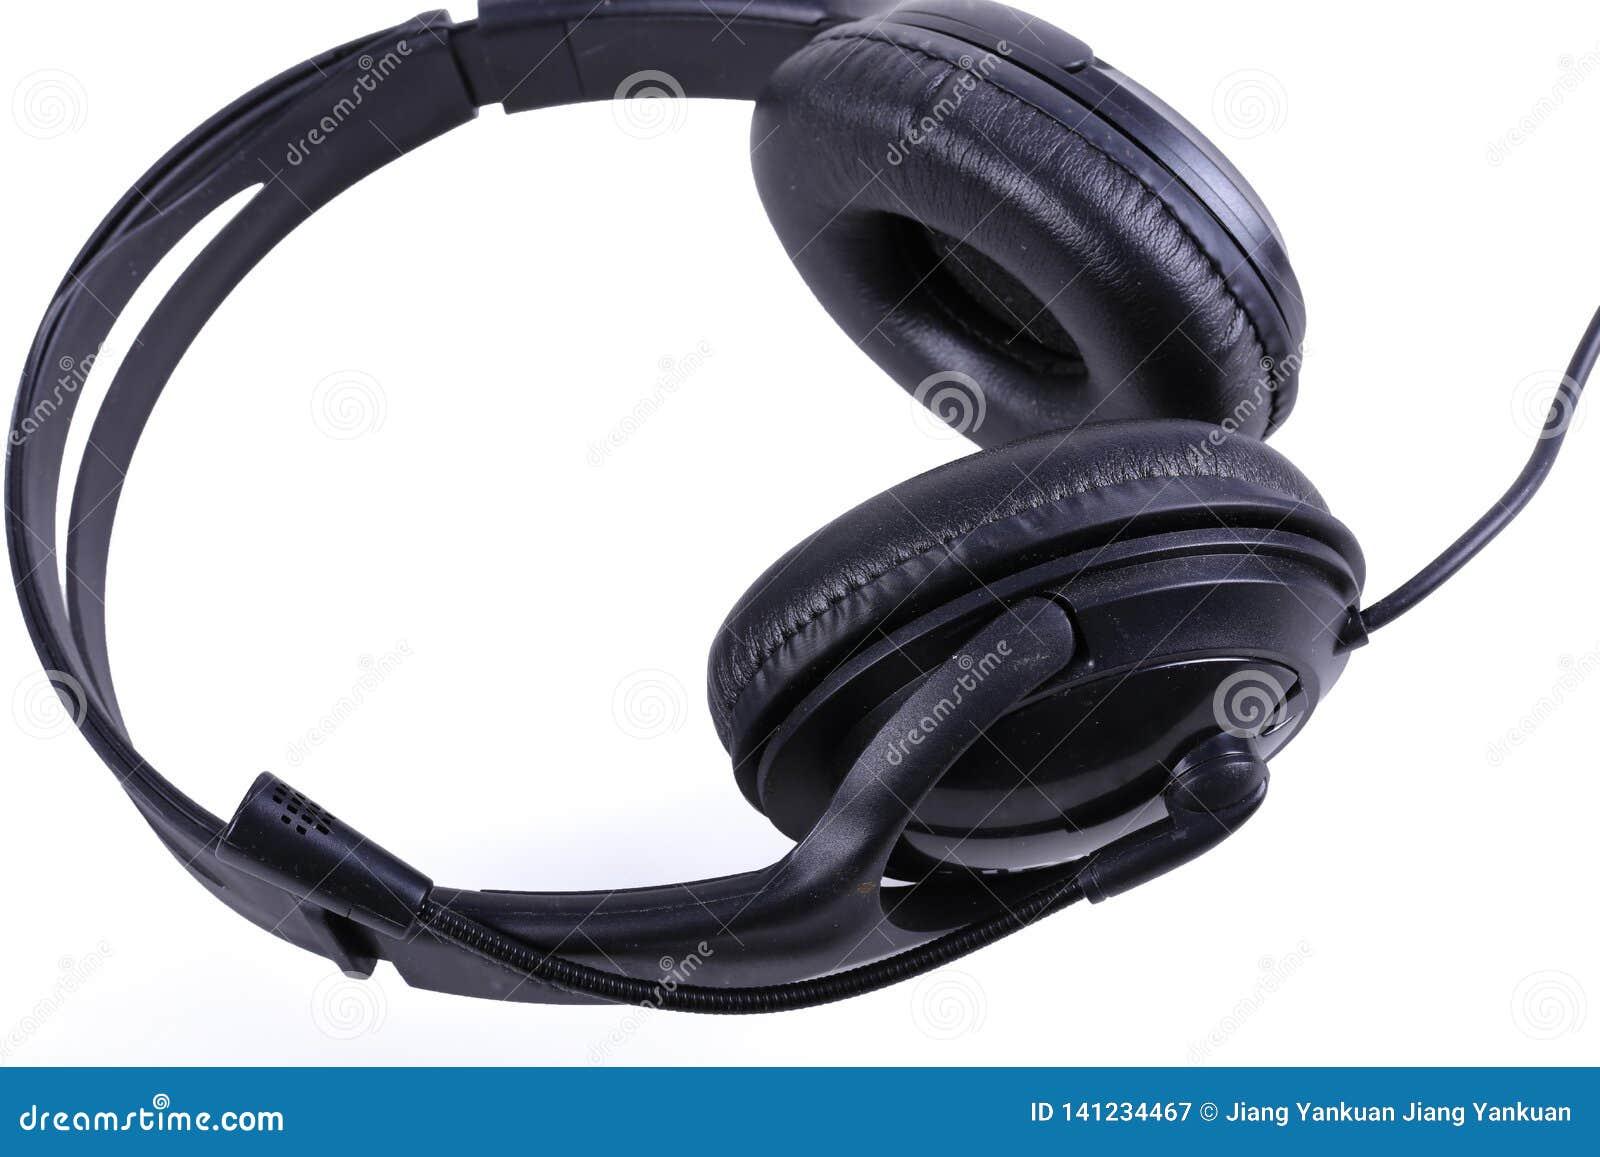 立体声音频耳机